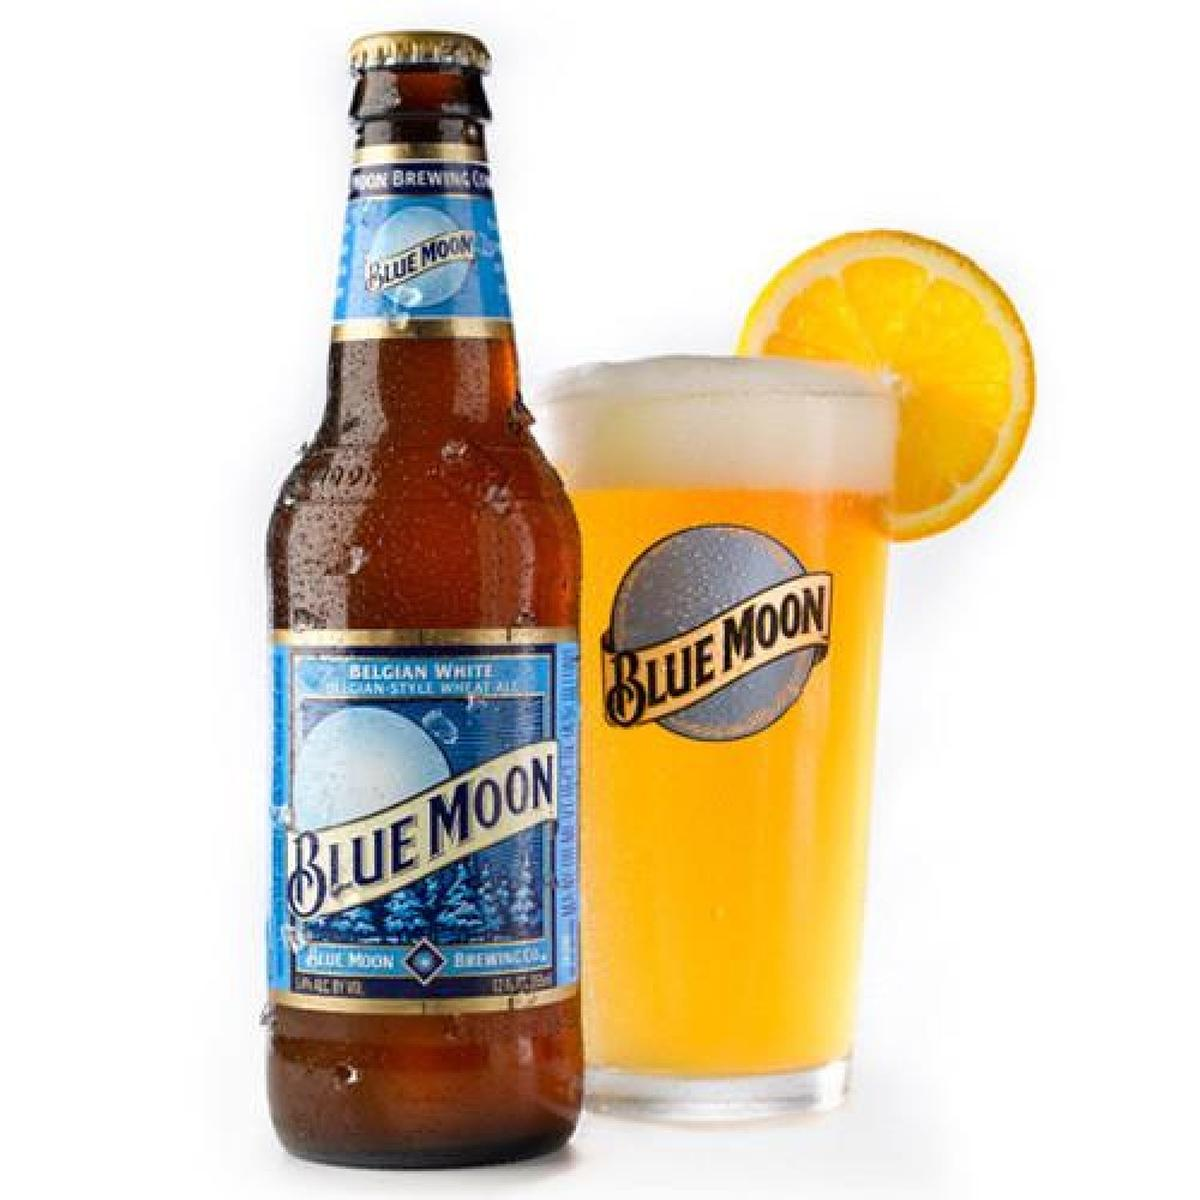 Blue Moon Belgian White Beer